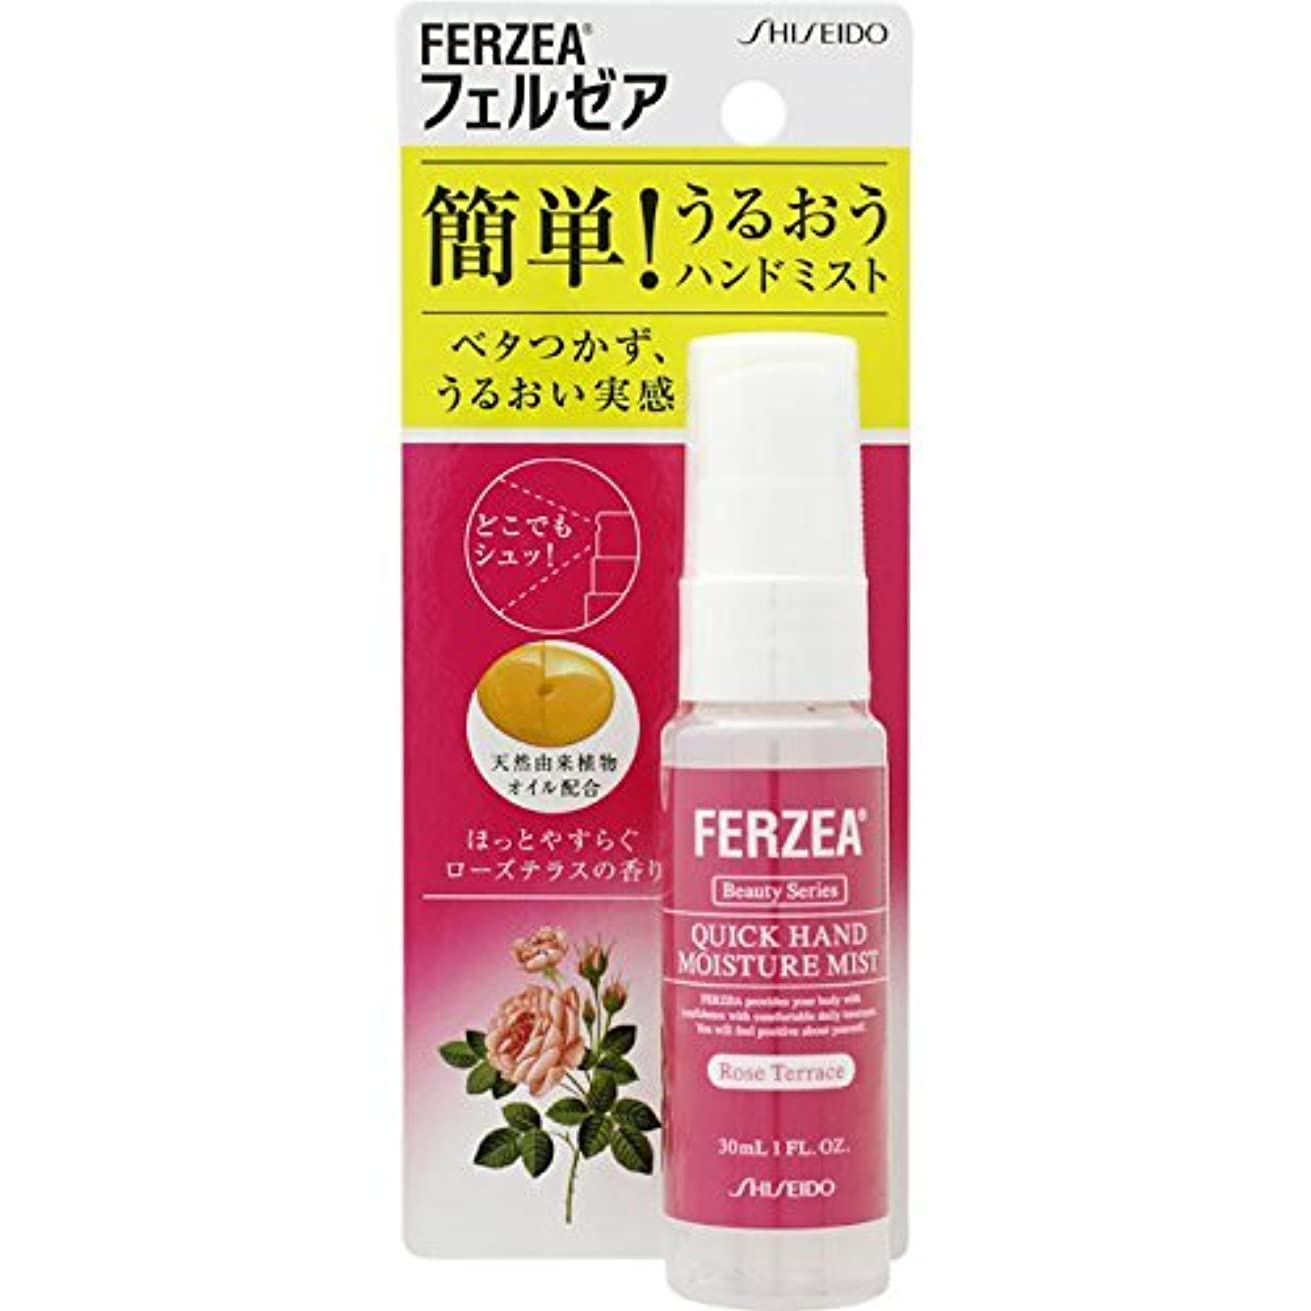 肌寒い変形するだらしない資生堂薬品 フェルゼア ハンドモイスチャーミスト ほっとやすらぐローズテラスの香り 30ml